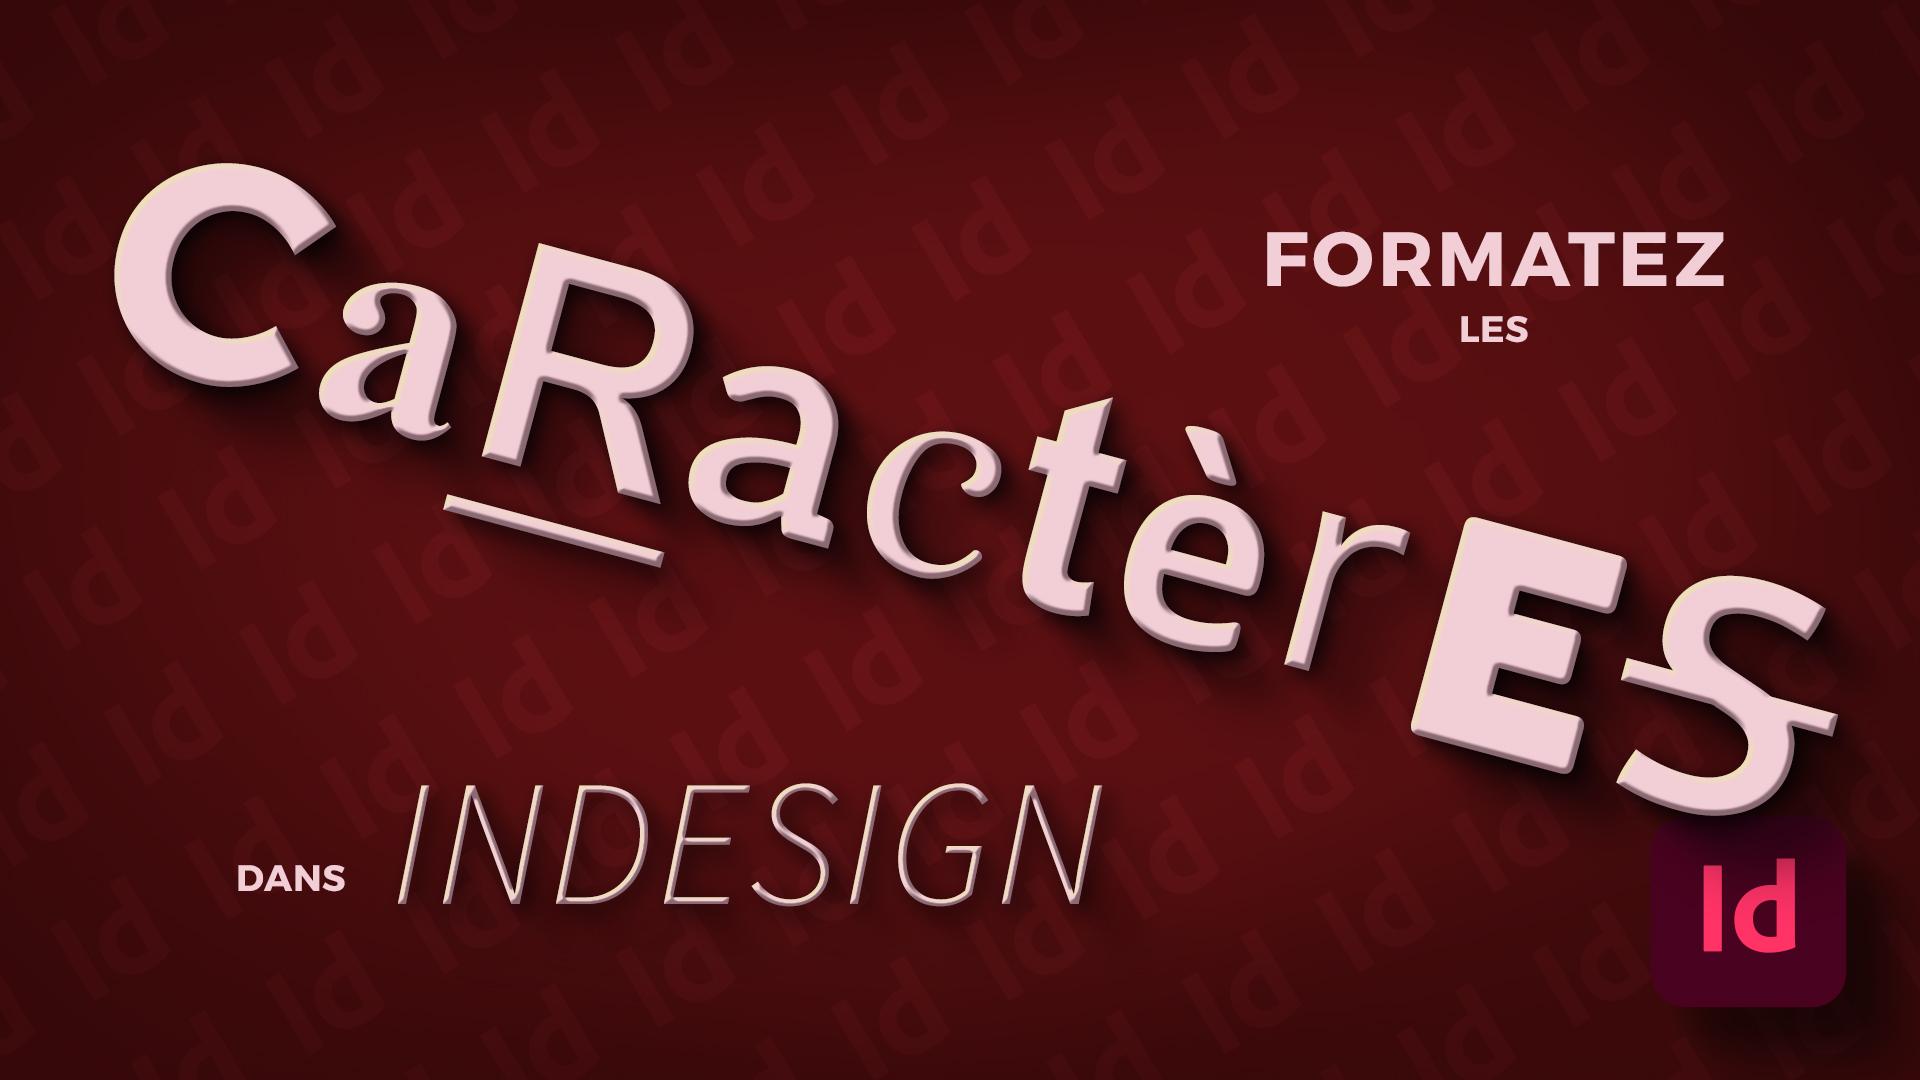 Comment formater les caractères dans InDesign